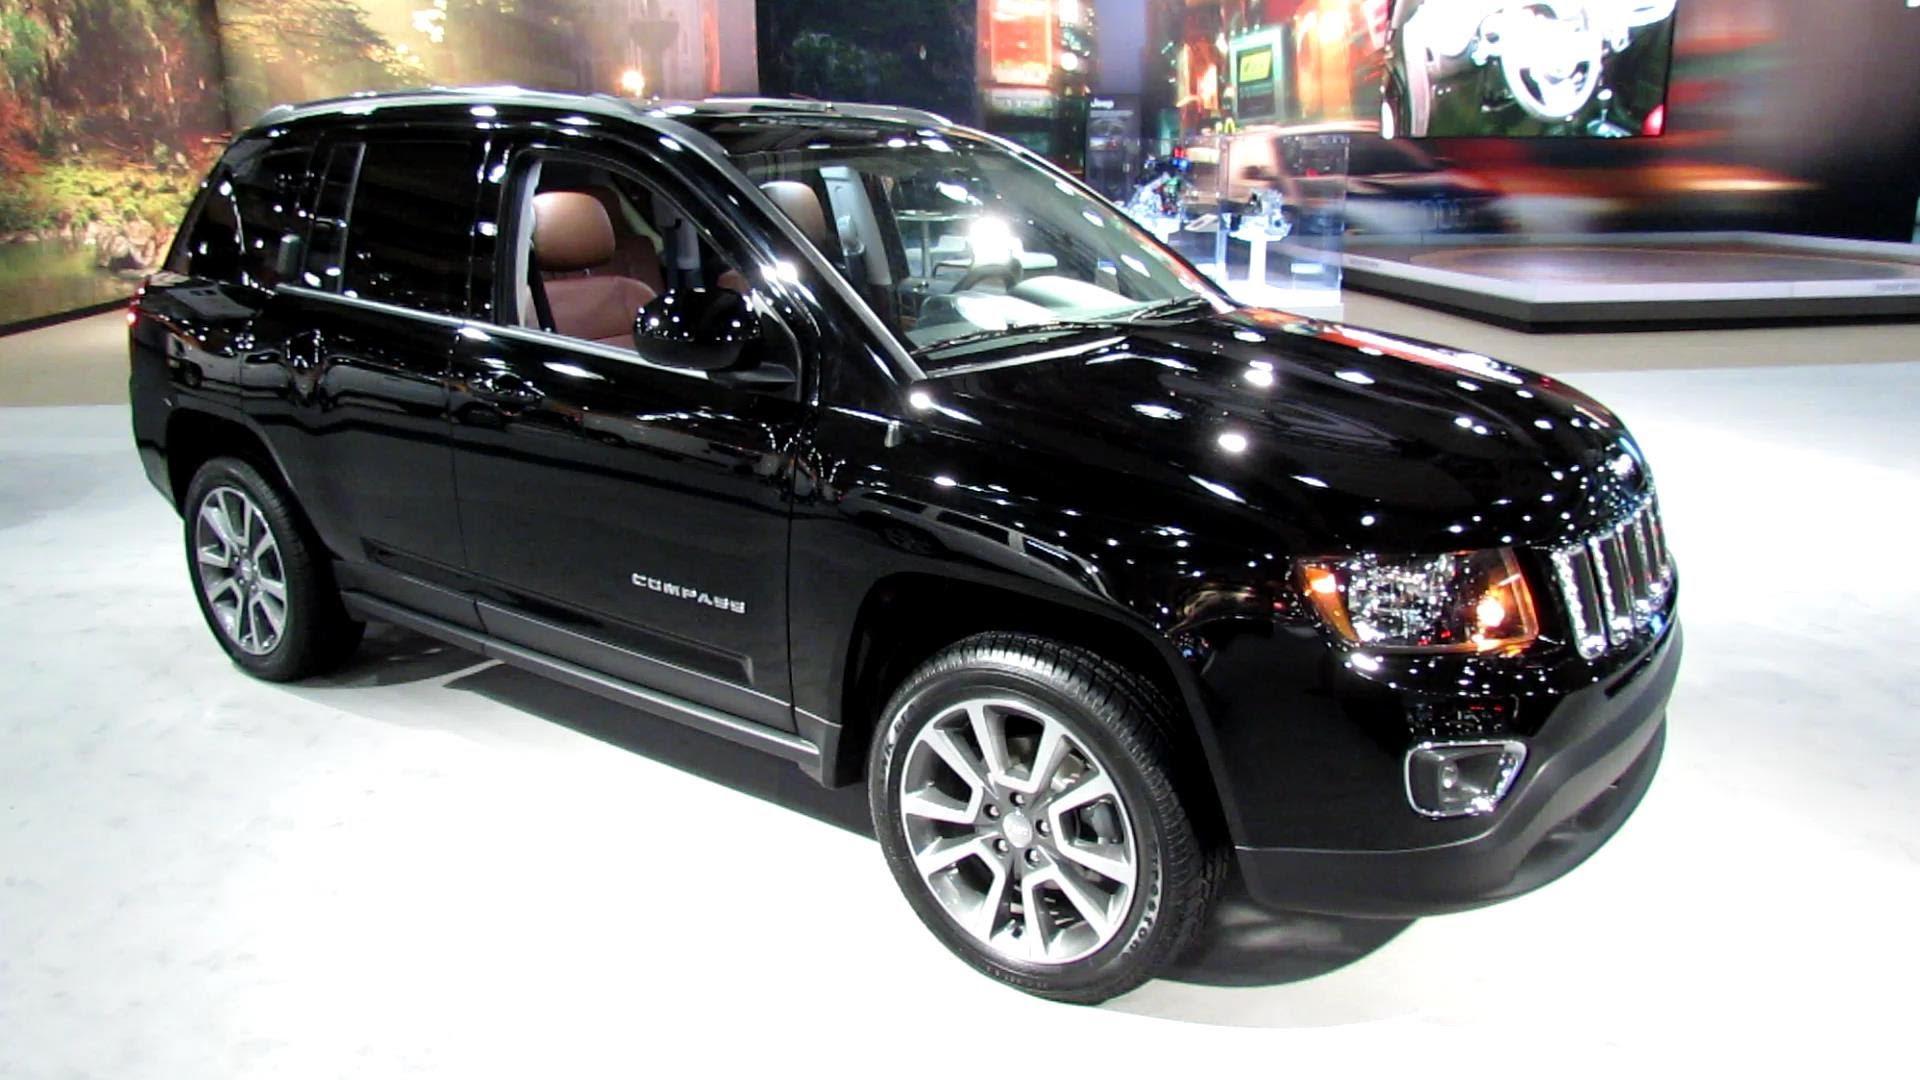 jeep compass 2014 mejor desempe o y mayor eficiencia lista de carros. Black Bedroom Furniture Sets. Home Design Ideas